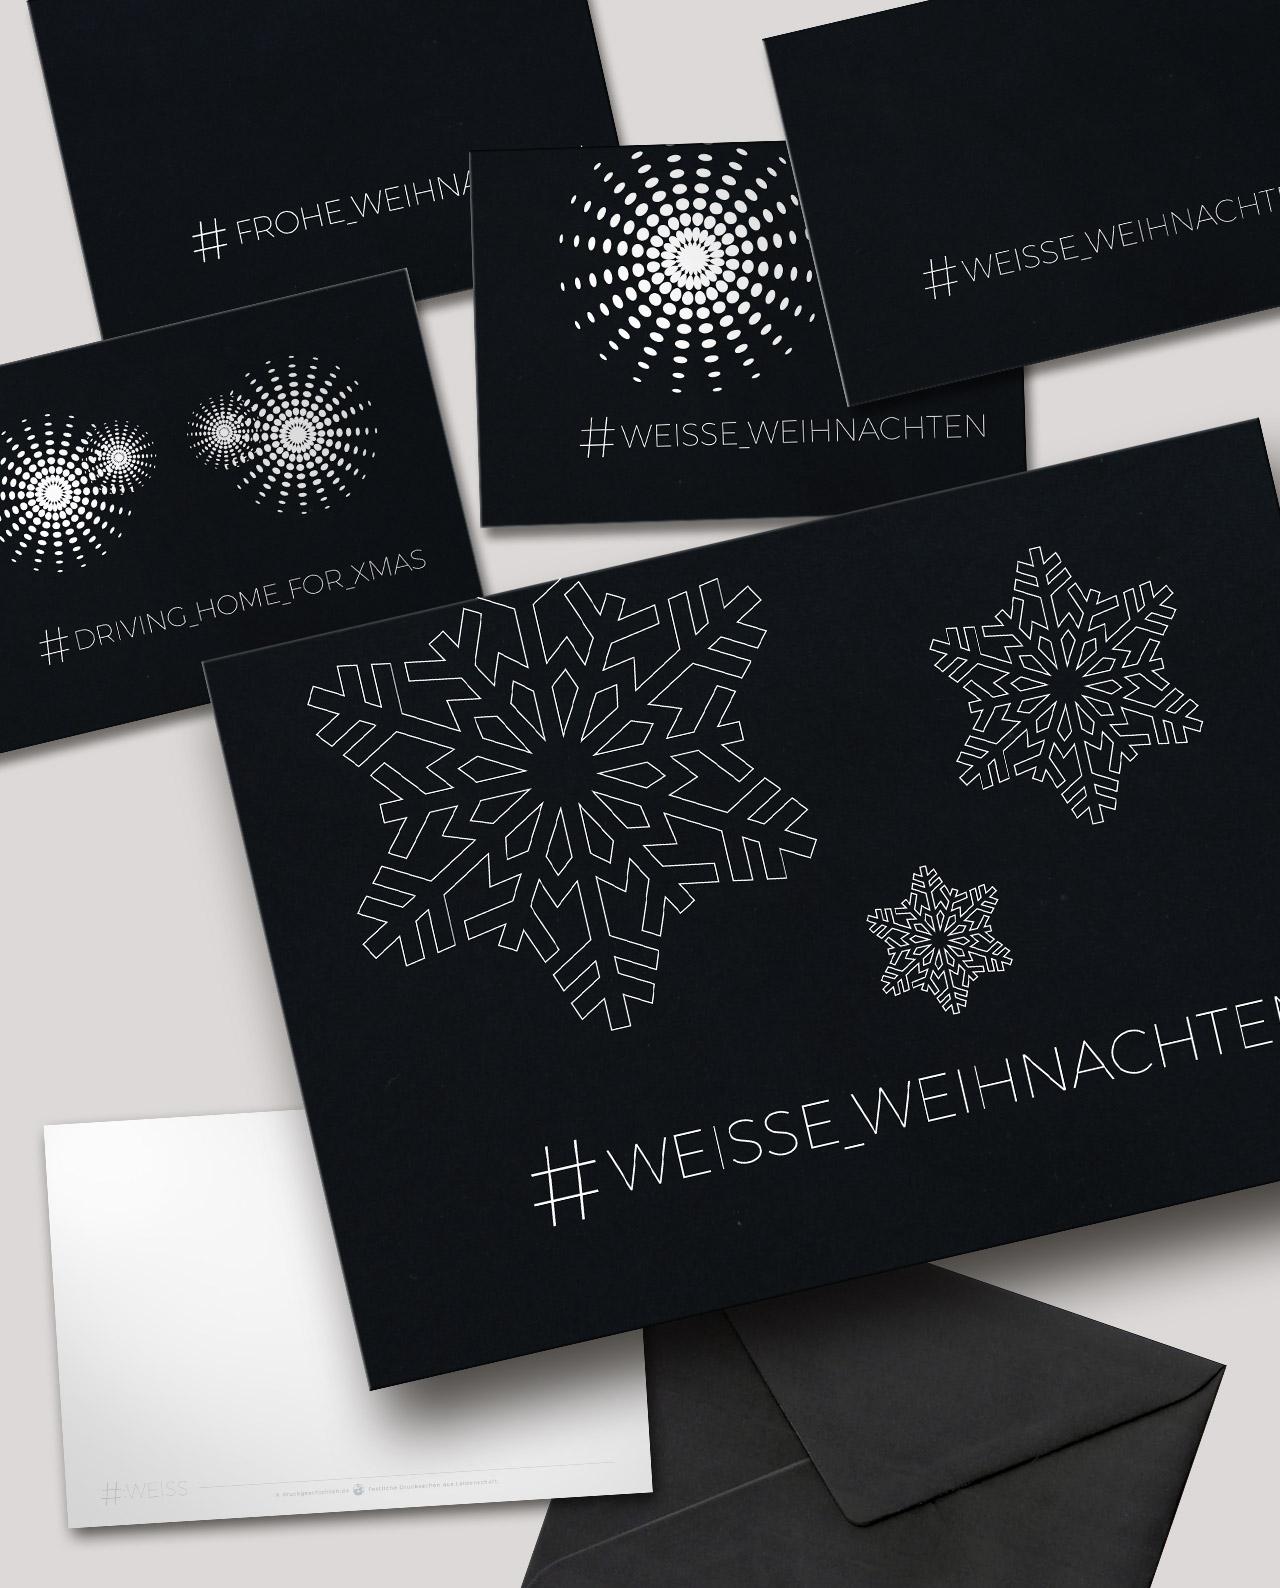 5er weihnachtskarten set veredelt mit matt schwarzer soft. Black Bedroom Furniture Sets. Home Design Ideas